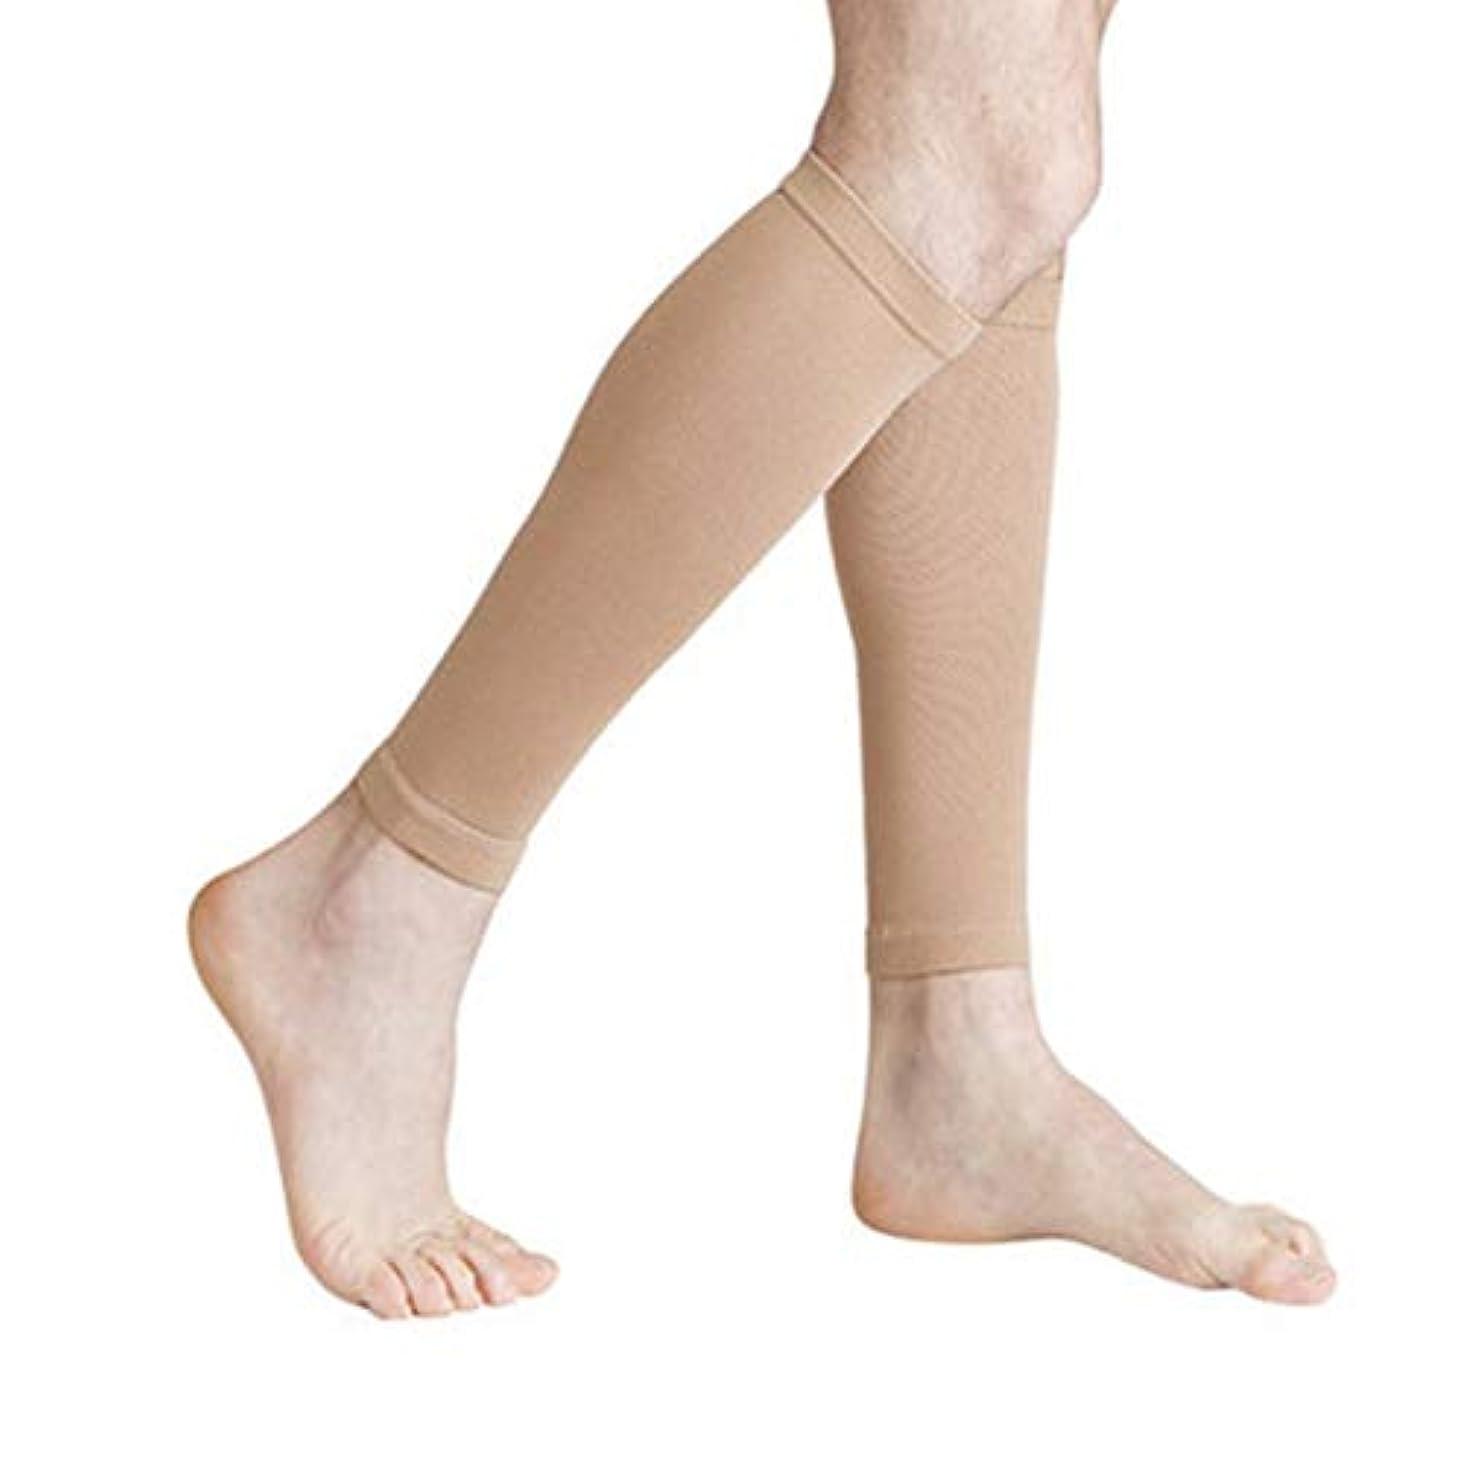 見込み私達コンサルタント丈夫な男性女性プロの圧縮靴下通気性のある旅行活動看護師用シントスプリントフライトトラベル - 肌色